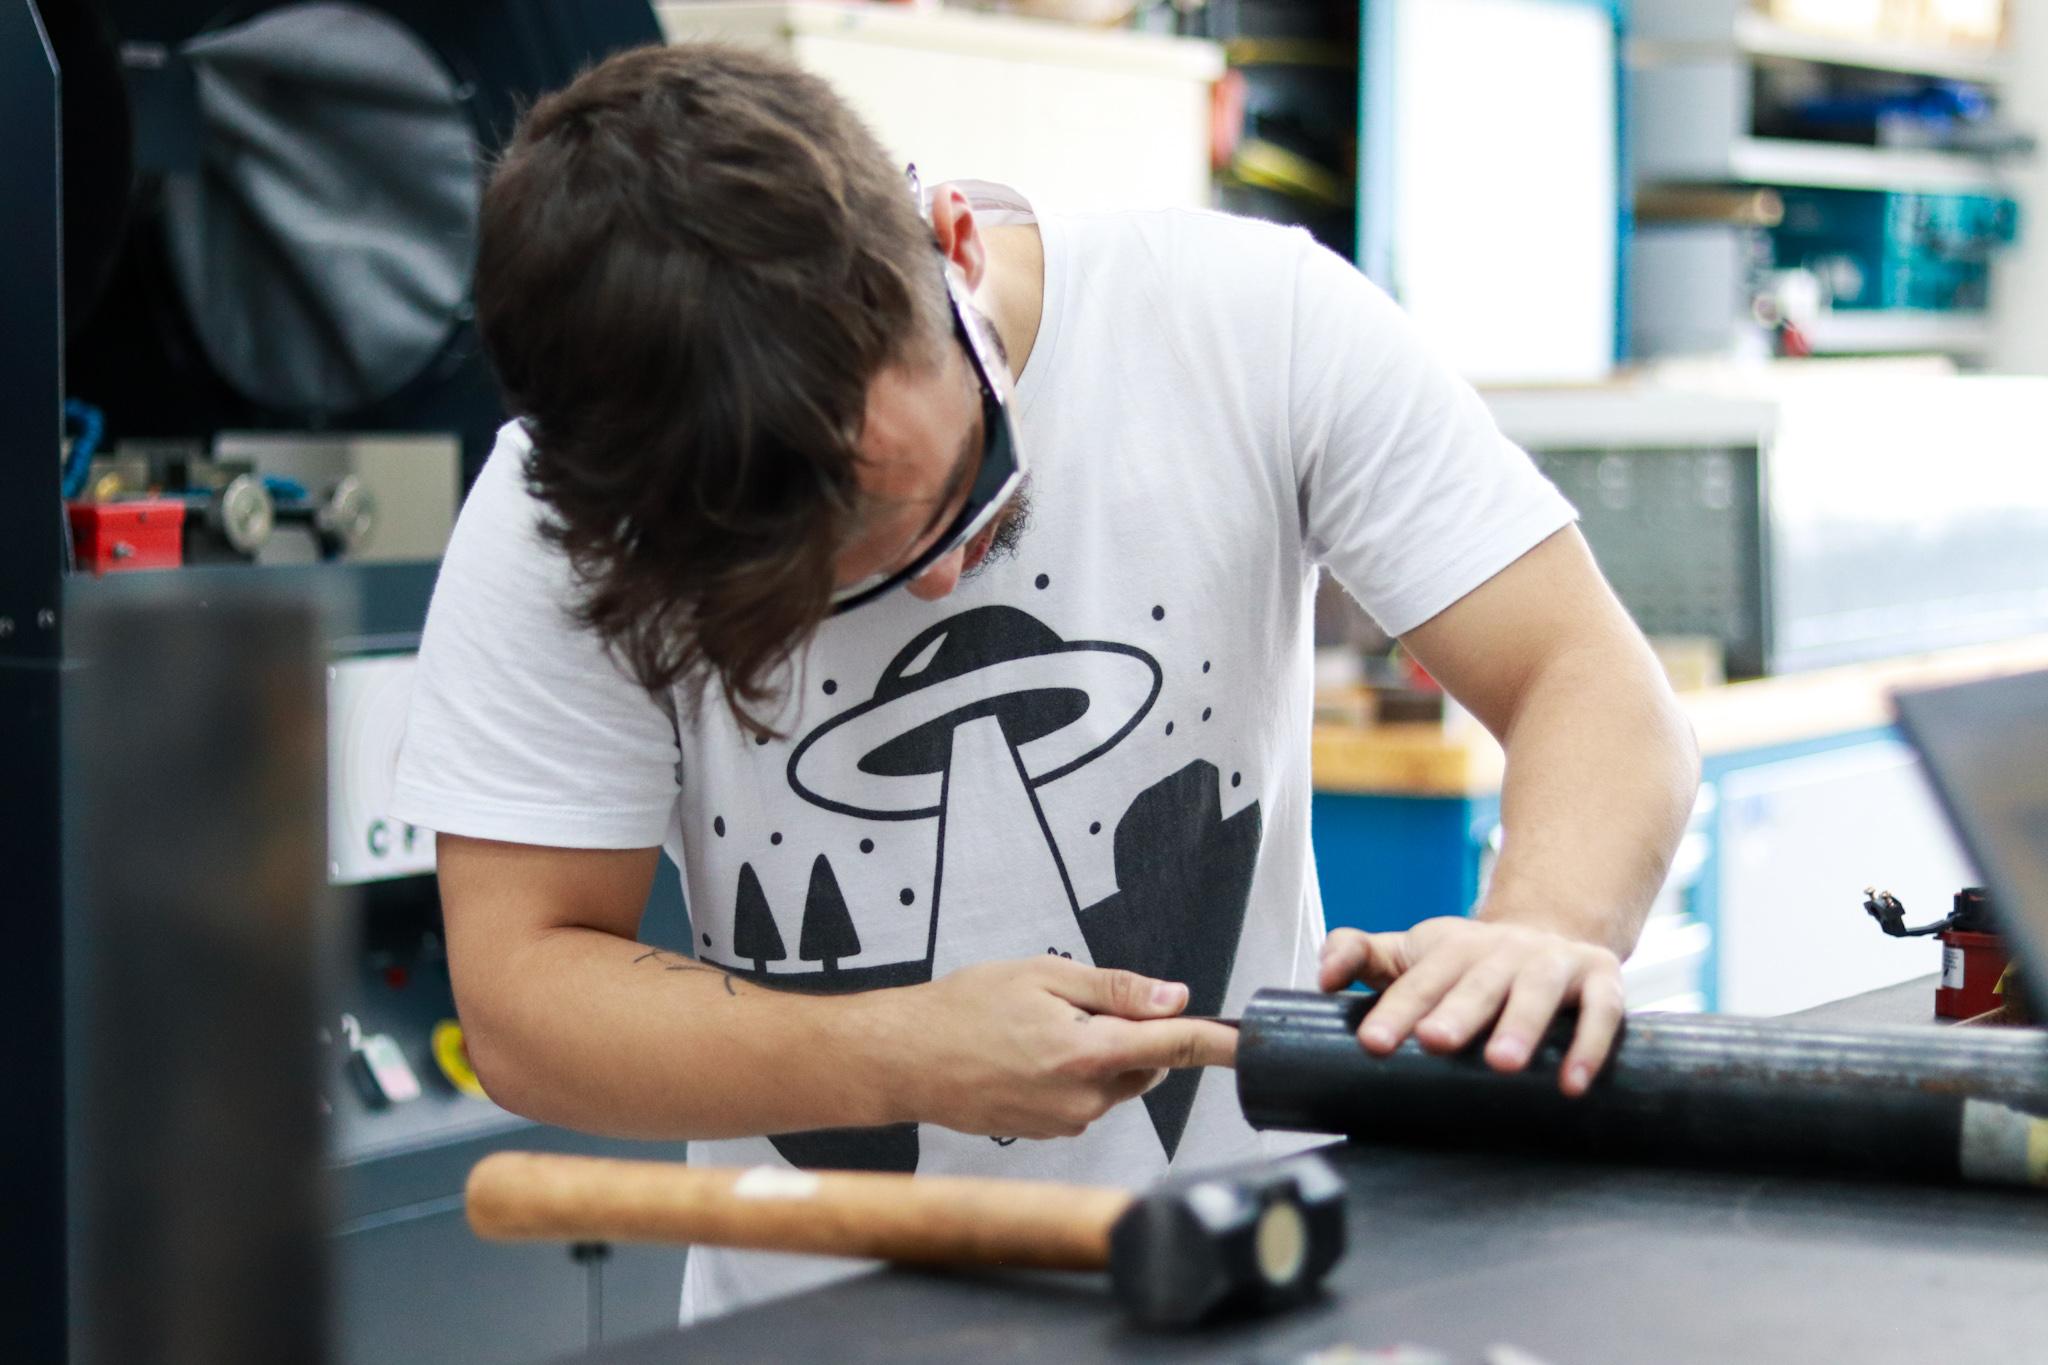 Jovem usa uma lixa para lixar um objeto de metal cilíndrico colocado sobre uma mesa